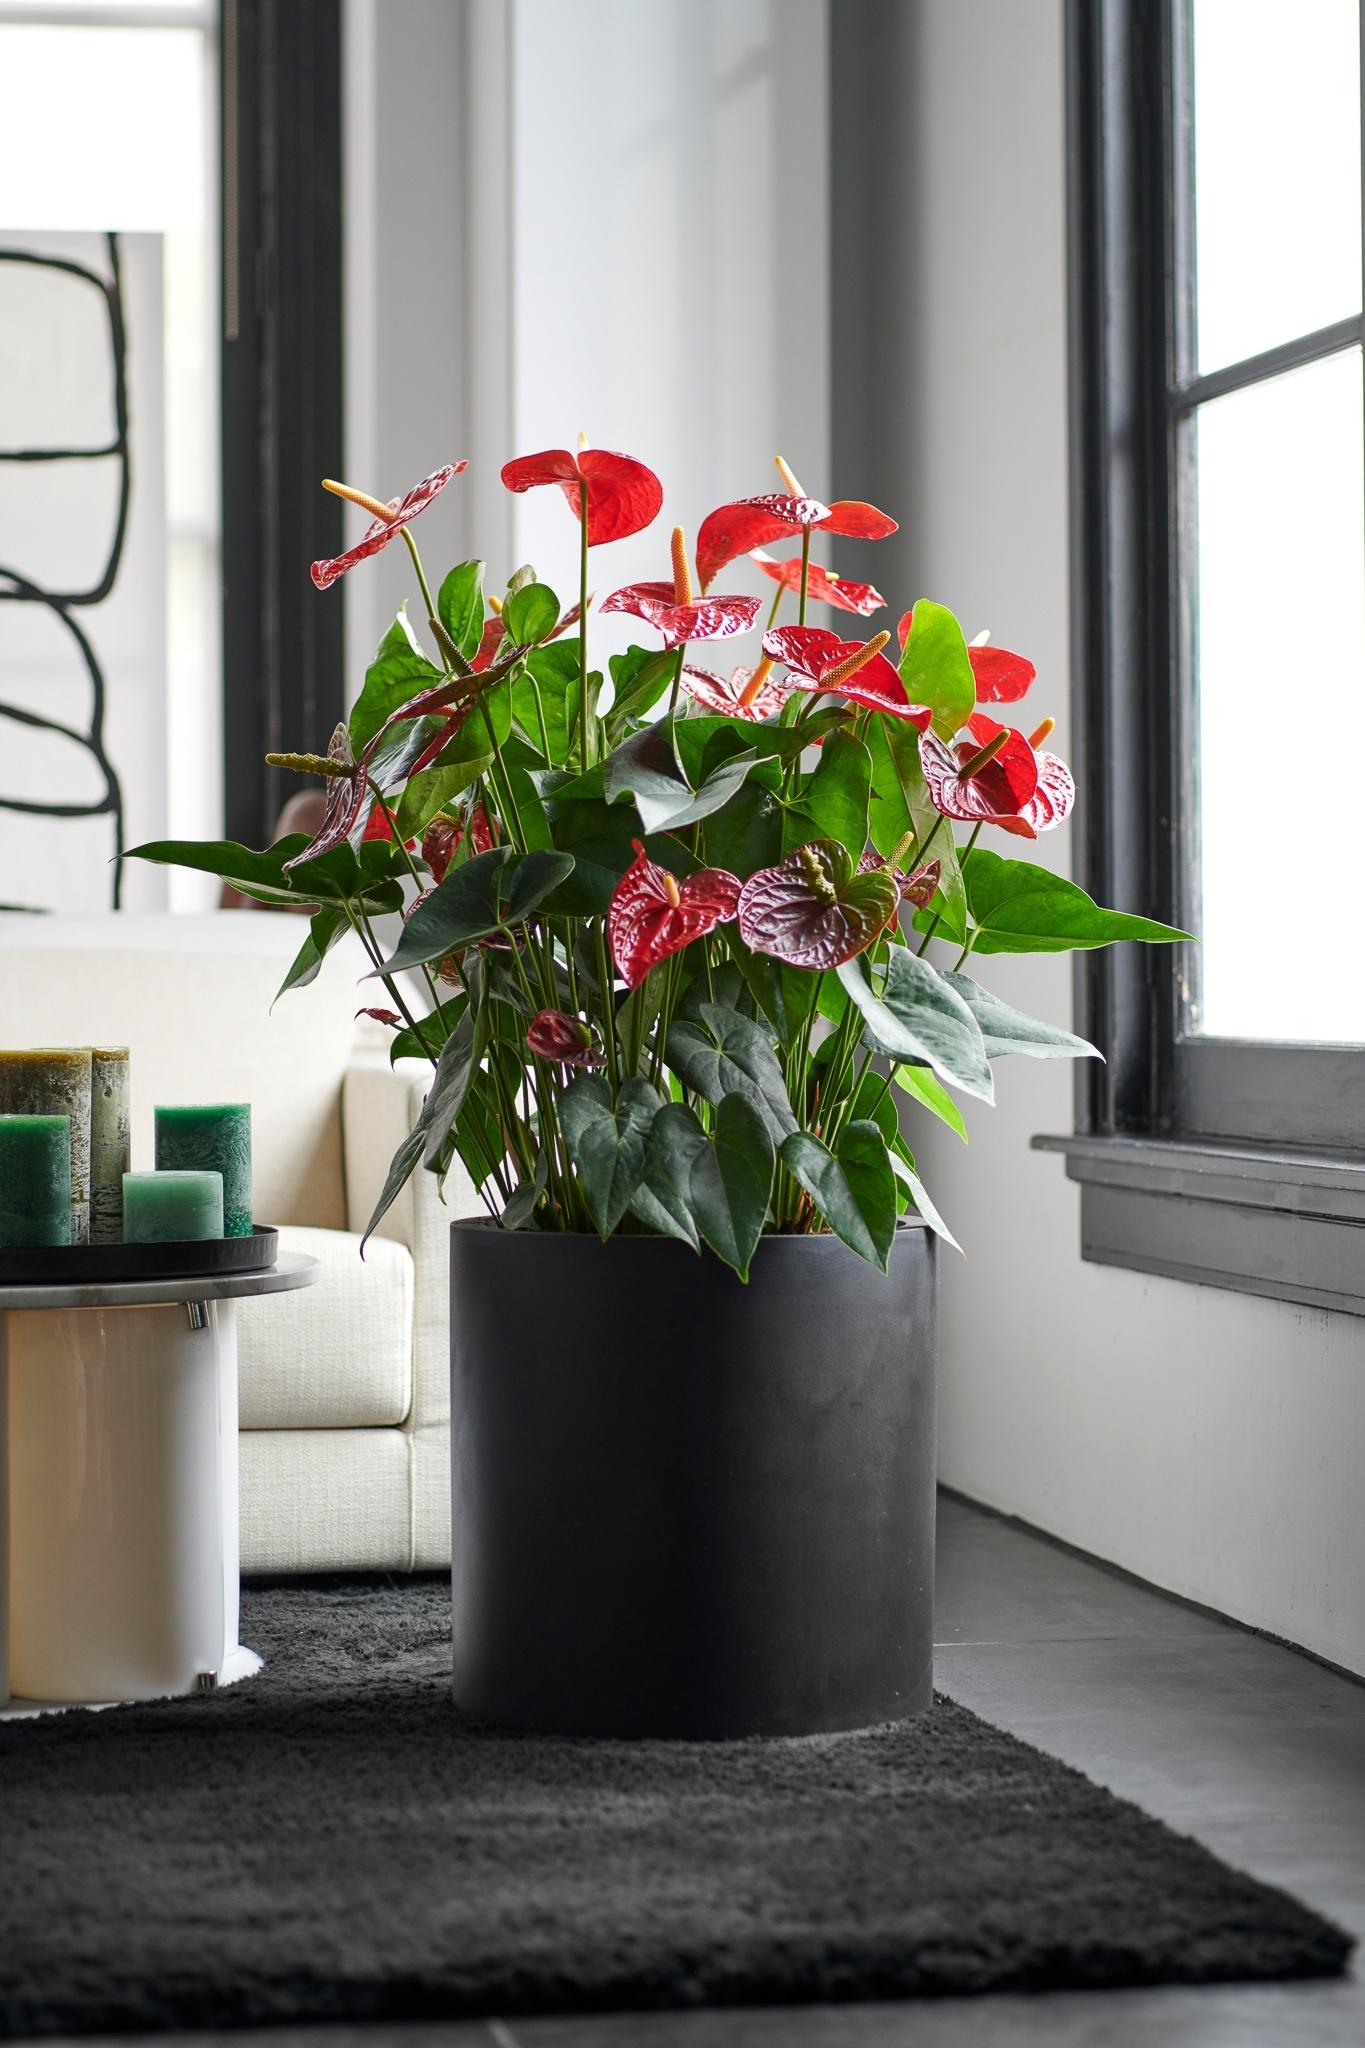 Tschüss Weihnachtsbaum, hallo Anthurien Topfpflanze!